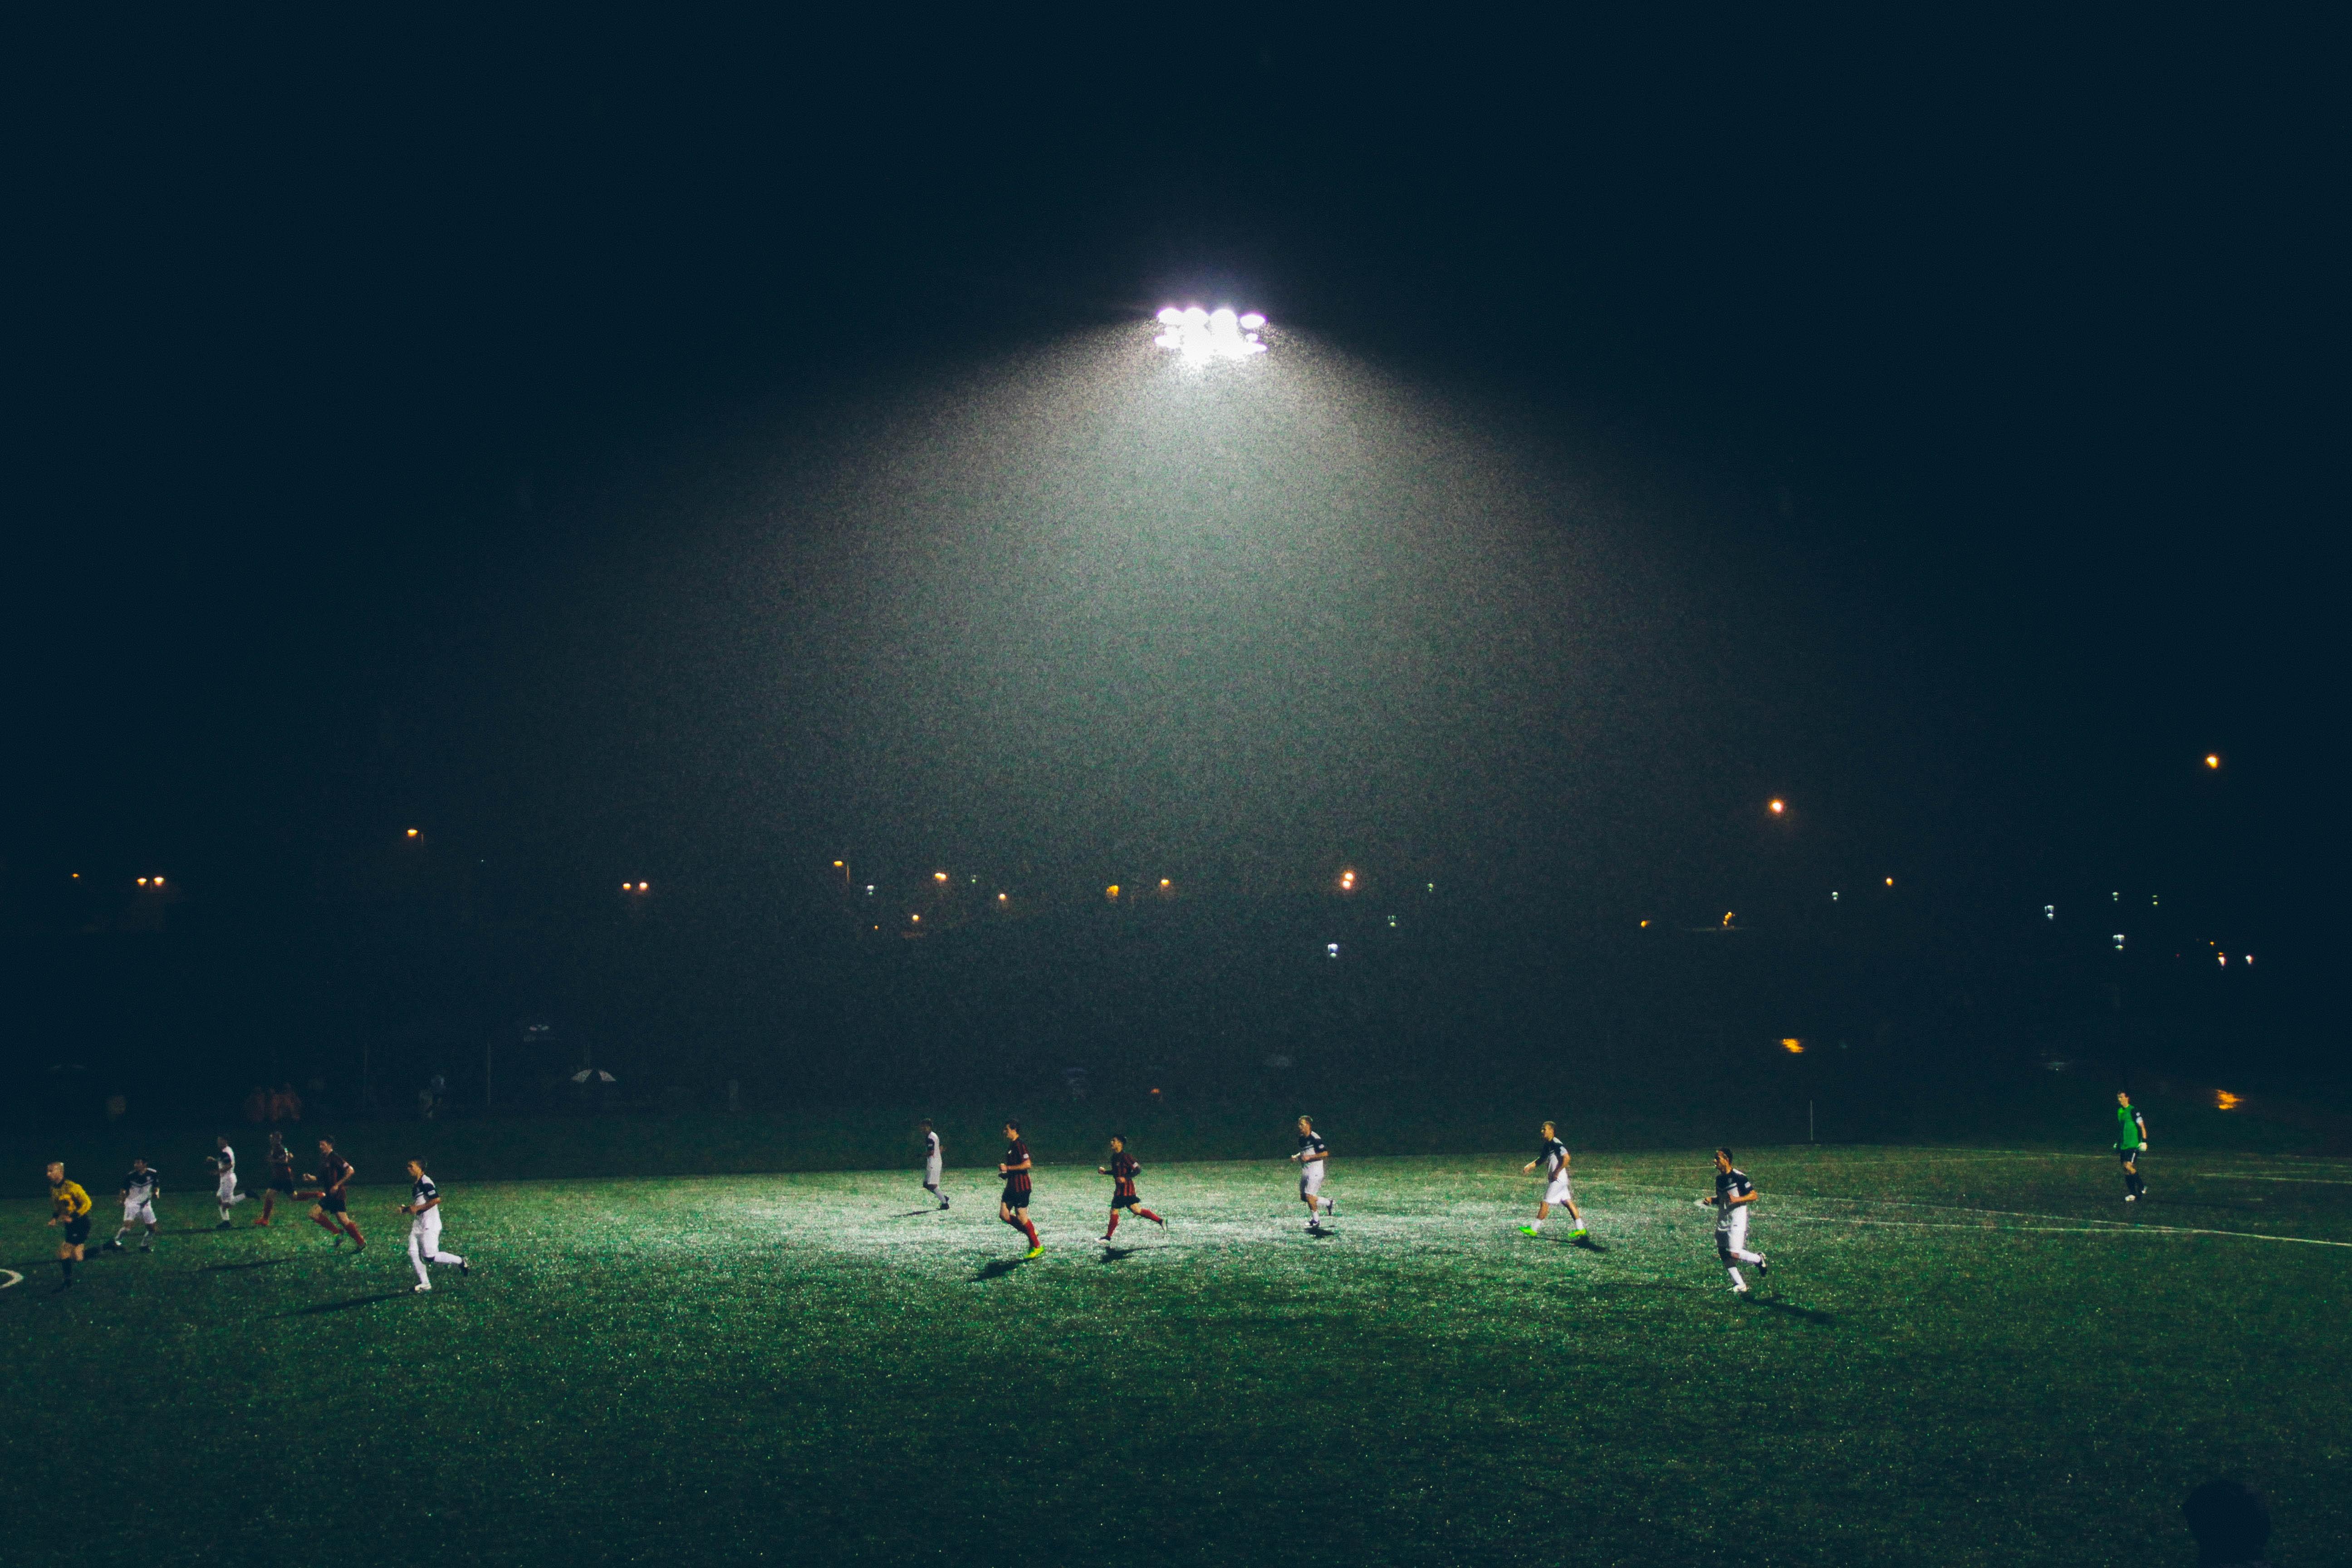 Fotos Gratis Cesped Ligero Gente Deporte Campo Noche Juego